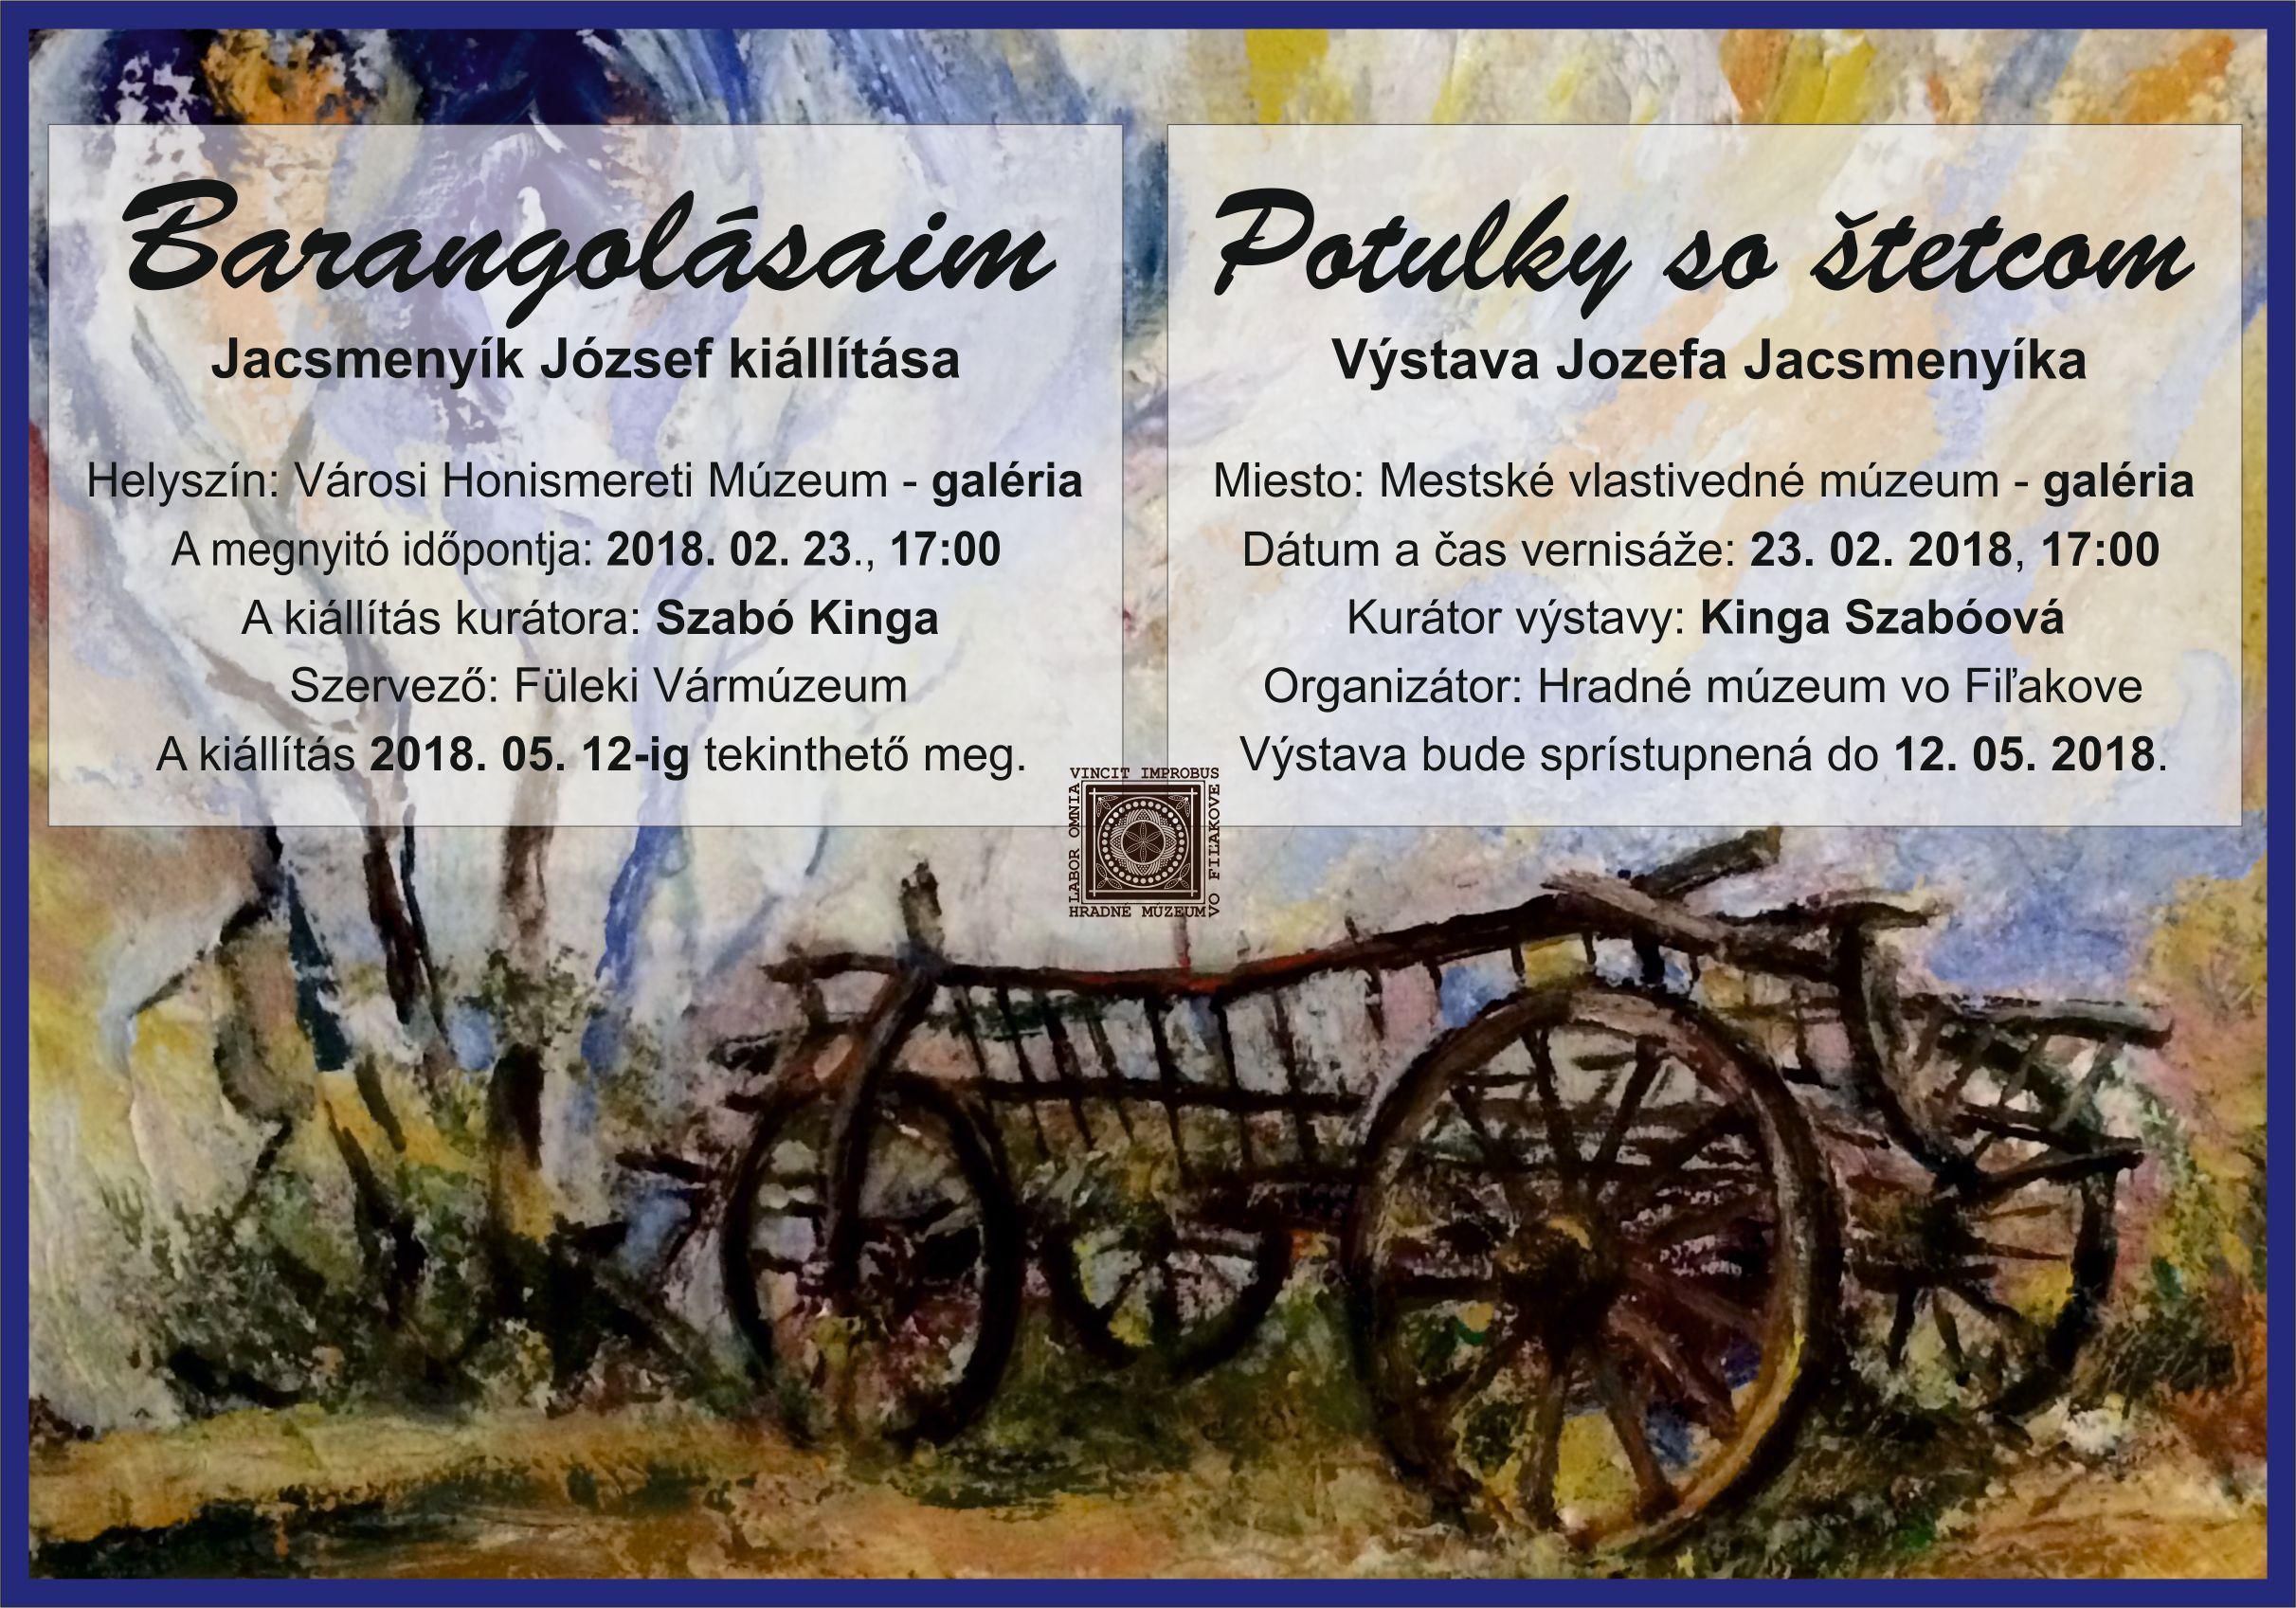 """Vernisáž výstavy Jozefa Jacsmenyíka """"Potulky so štetcom"""" @ Mestské vlastivedné múzeum, Hlavná 14, 986 01 Fiľakovo"""